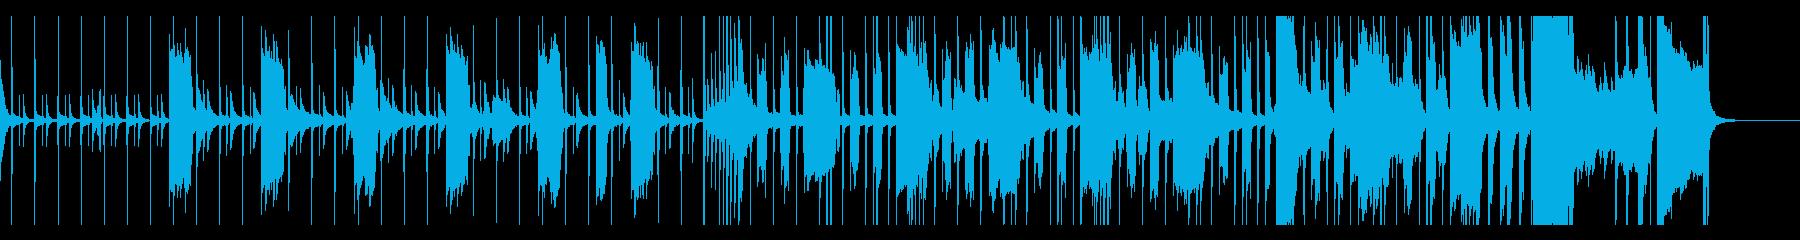 緊張感のあるセクシーなBGMの再生済みの波形